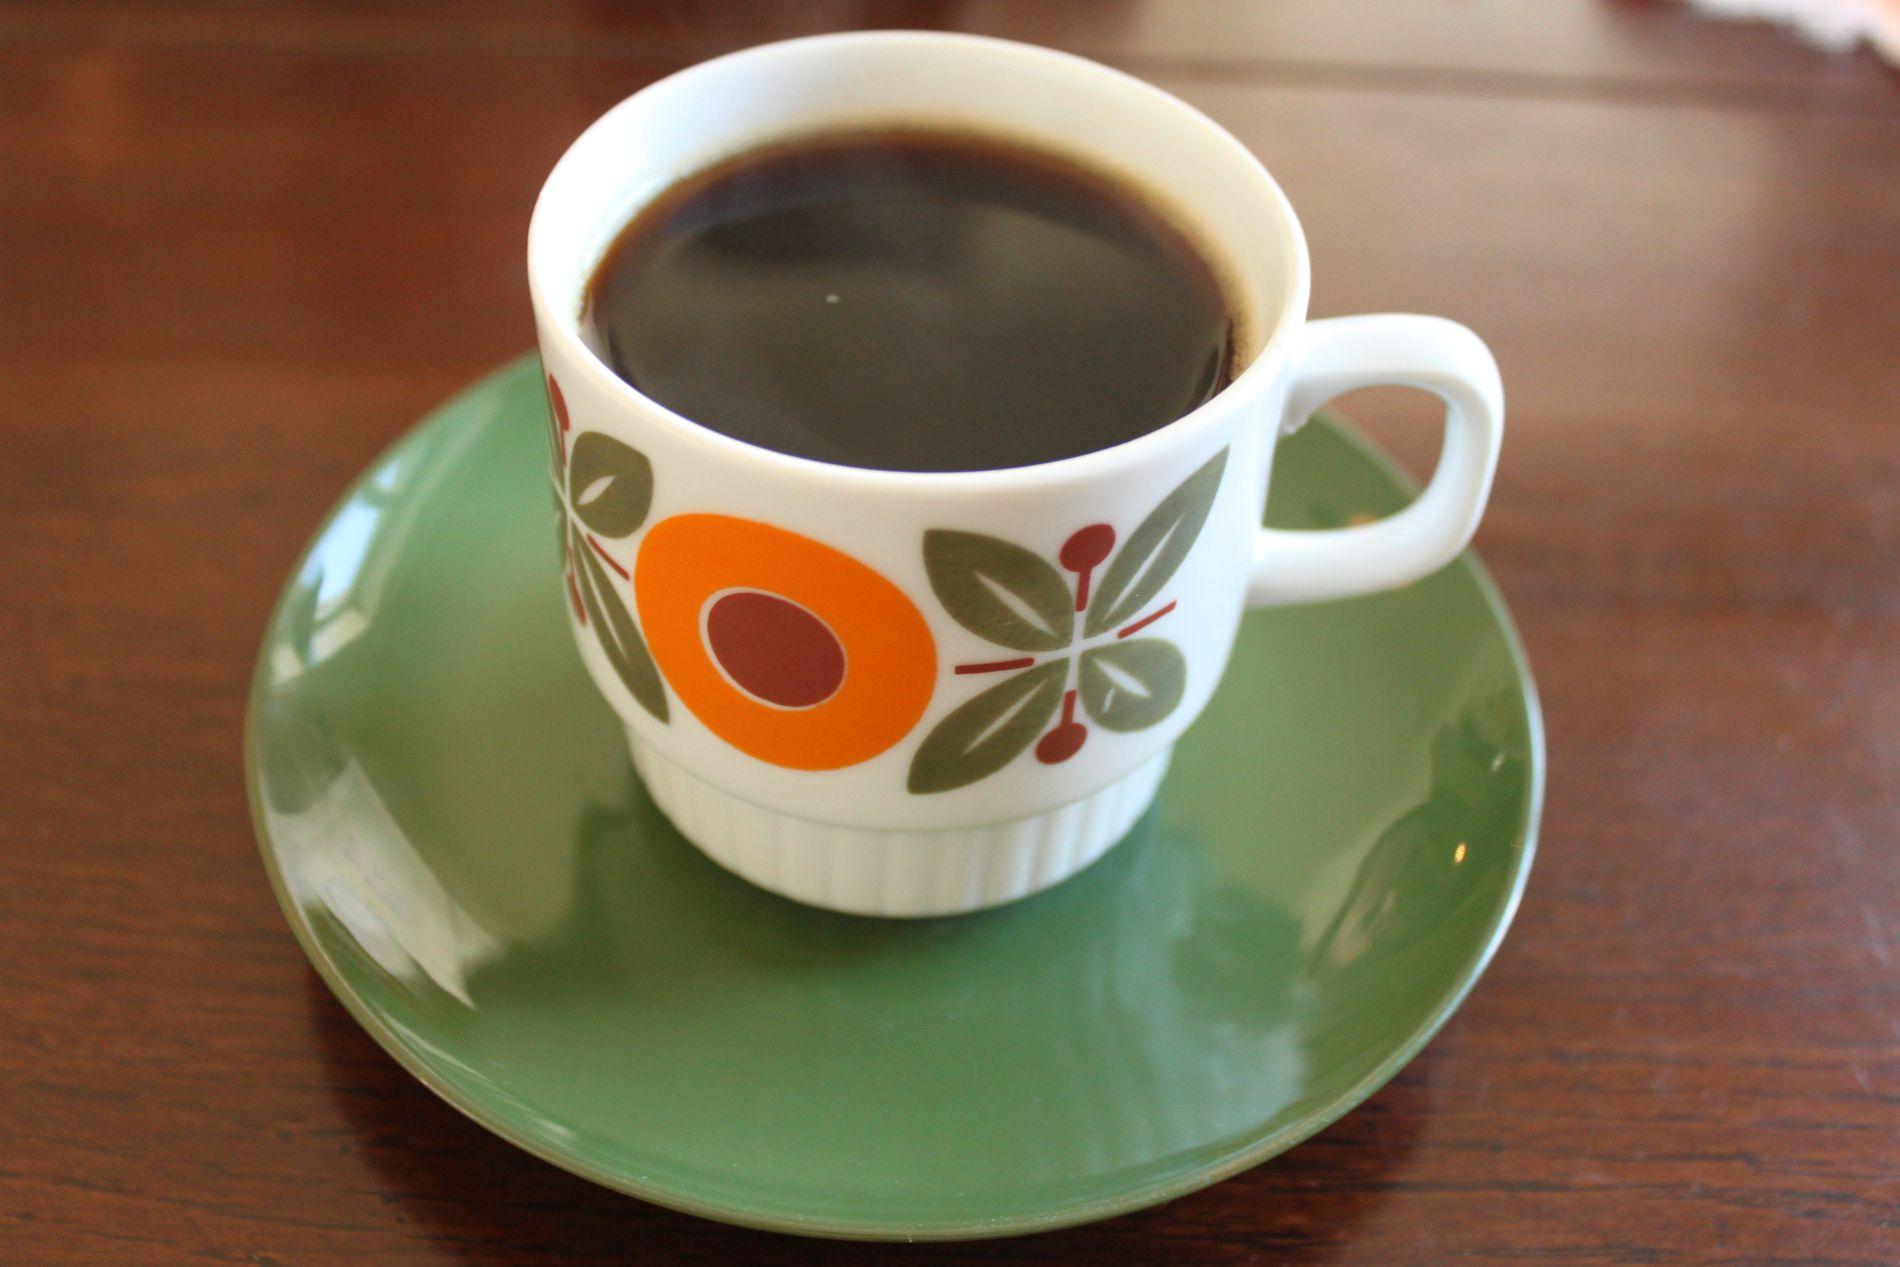 HJELPERE: Et mangfold av bier er viktig for at du skal få kaffe av høy kvalitet til en overkommelig pris, skriver innsenderen.